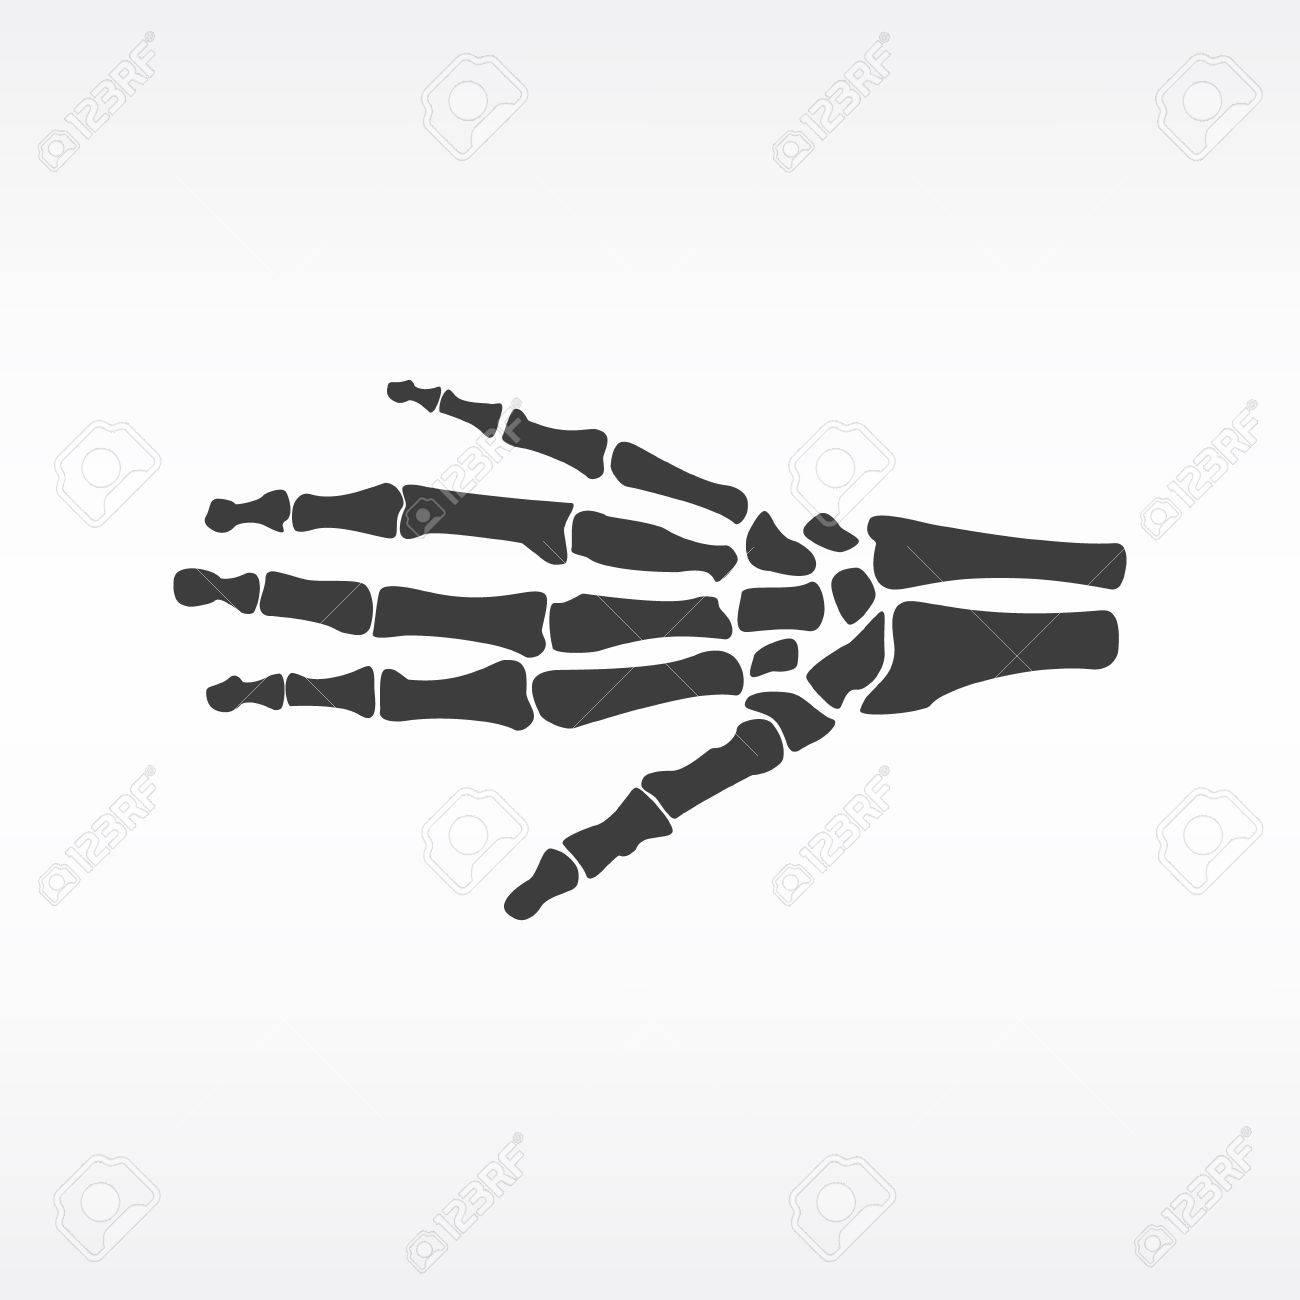 Vector Ilustración De Los Huesos De La Mano. Icono Esqueleto Humano ...